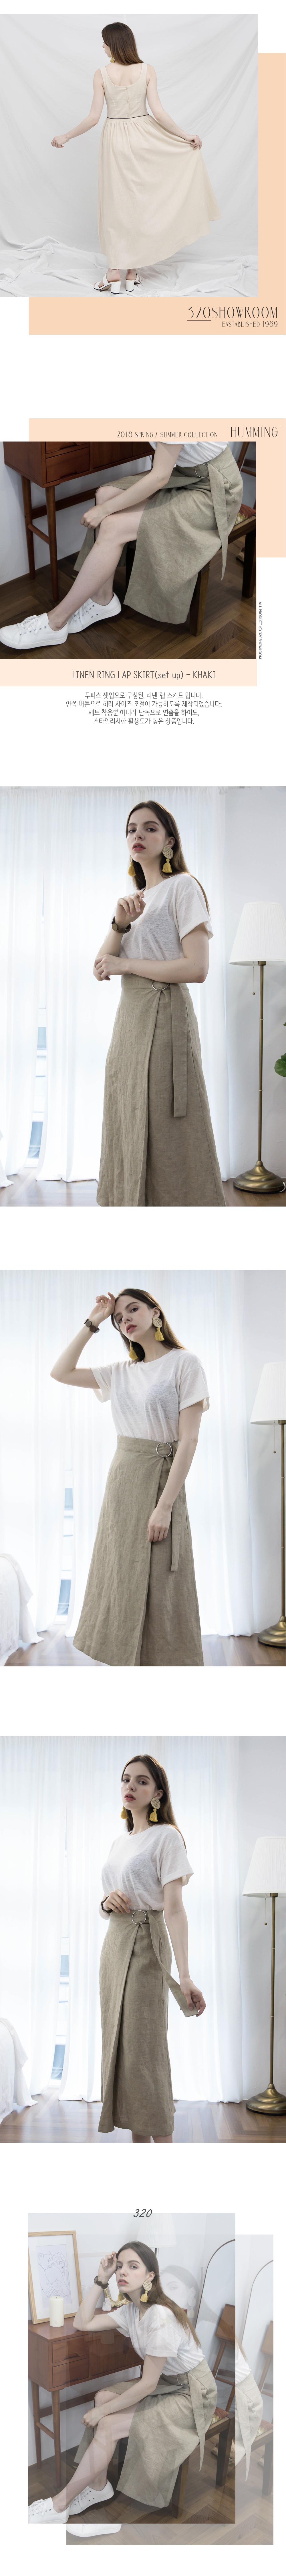 linen-set-SK_KK_DETAIL1_01.jpg